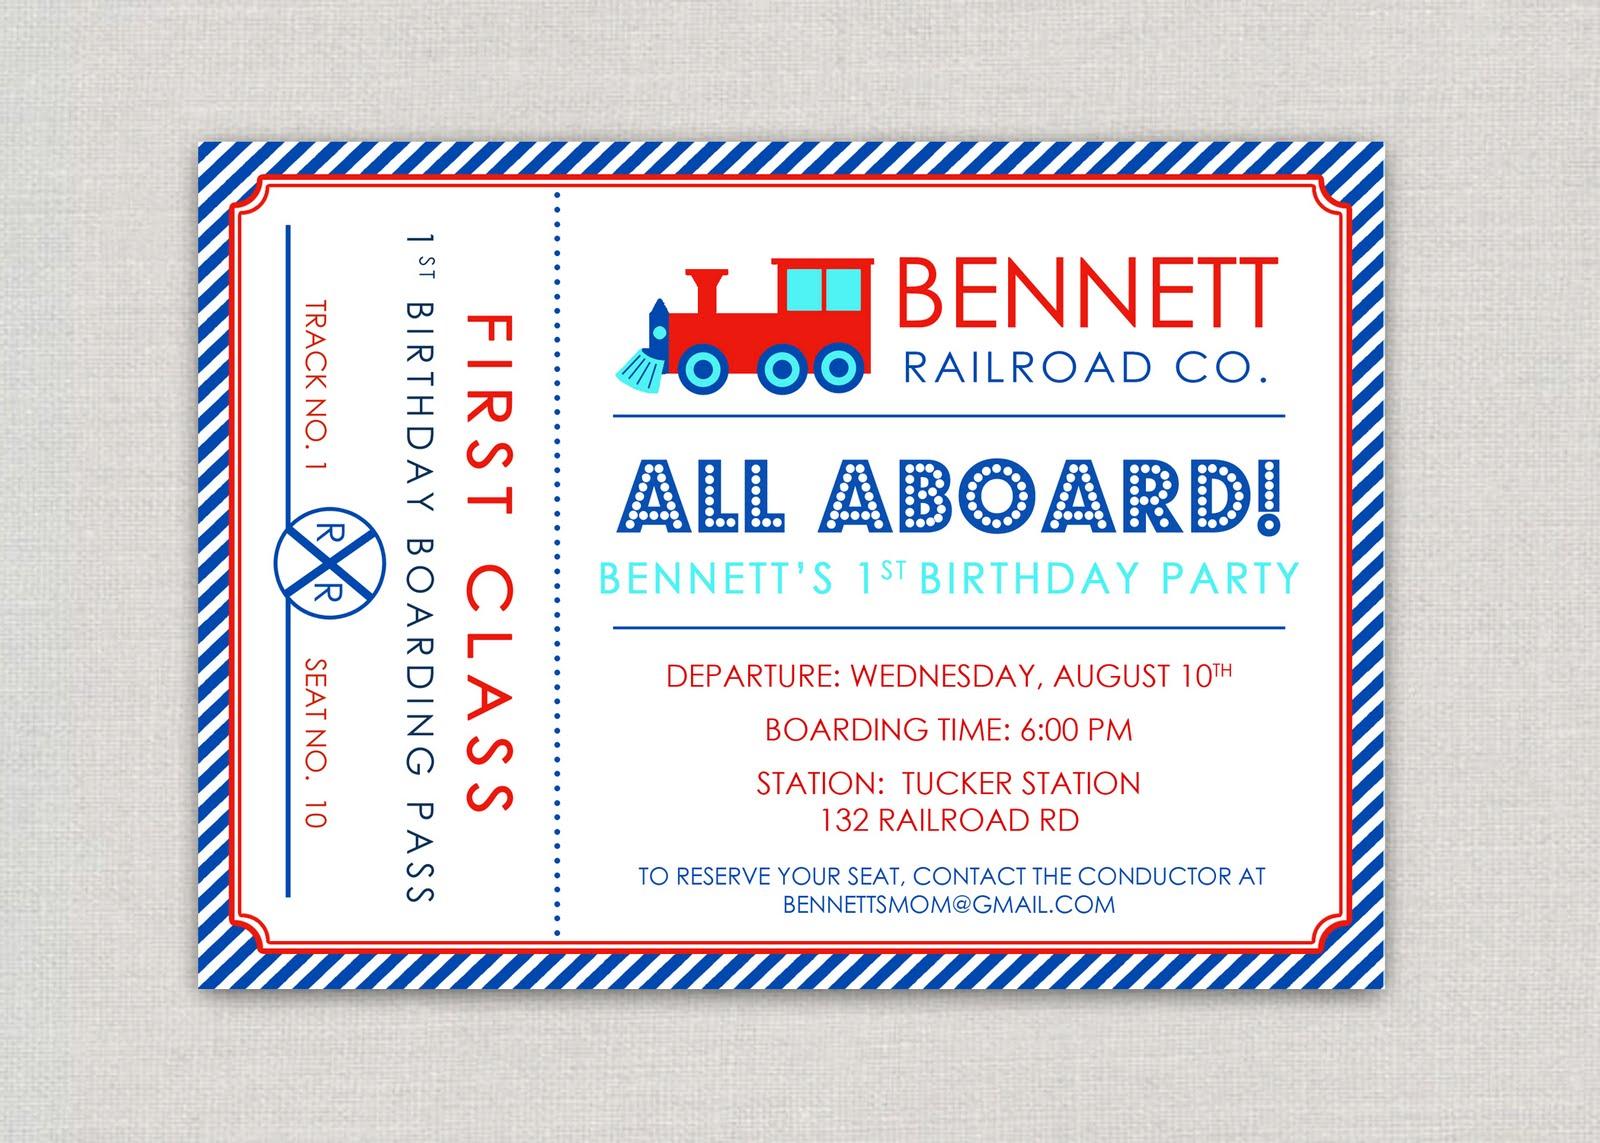 Train Invitations 1700 Train Announcements Invites | Party Invitations ...